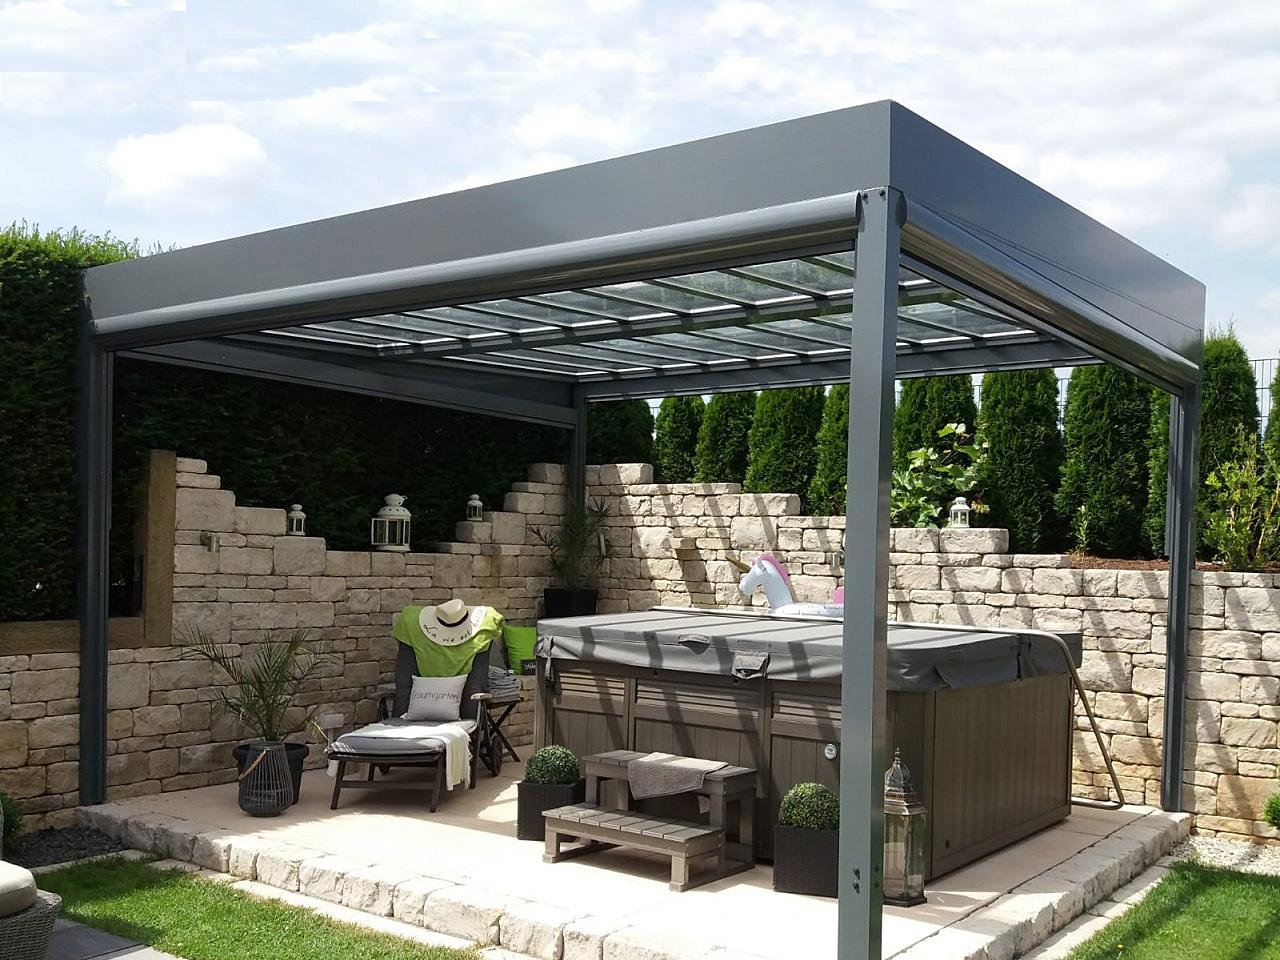 Rogner Vario Dach Terrassendach-Manufaktur